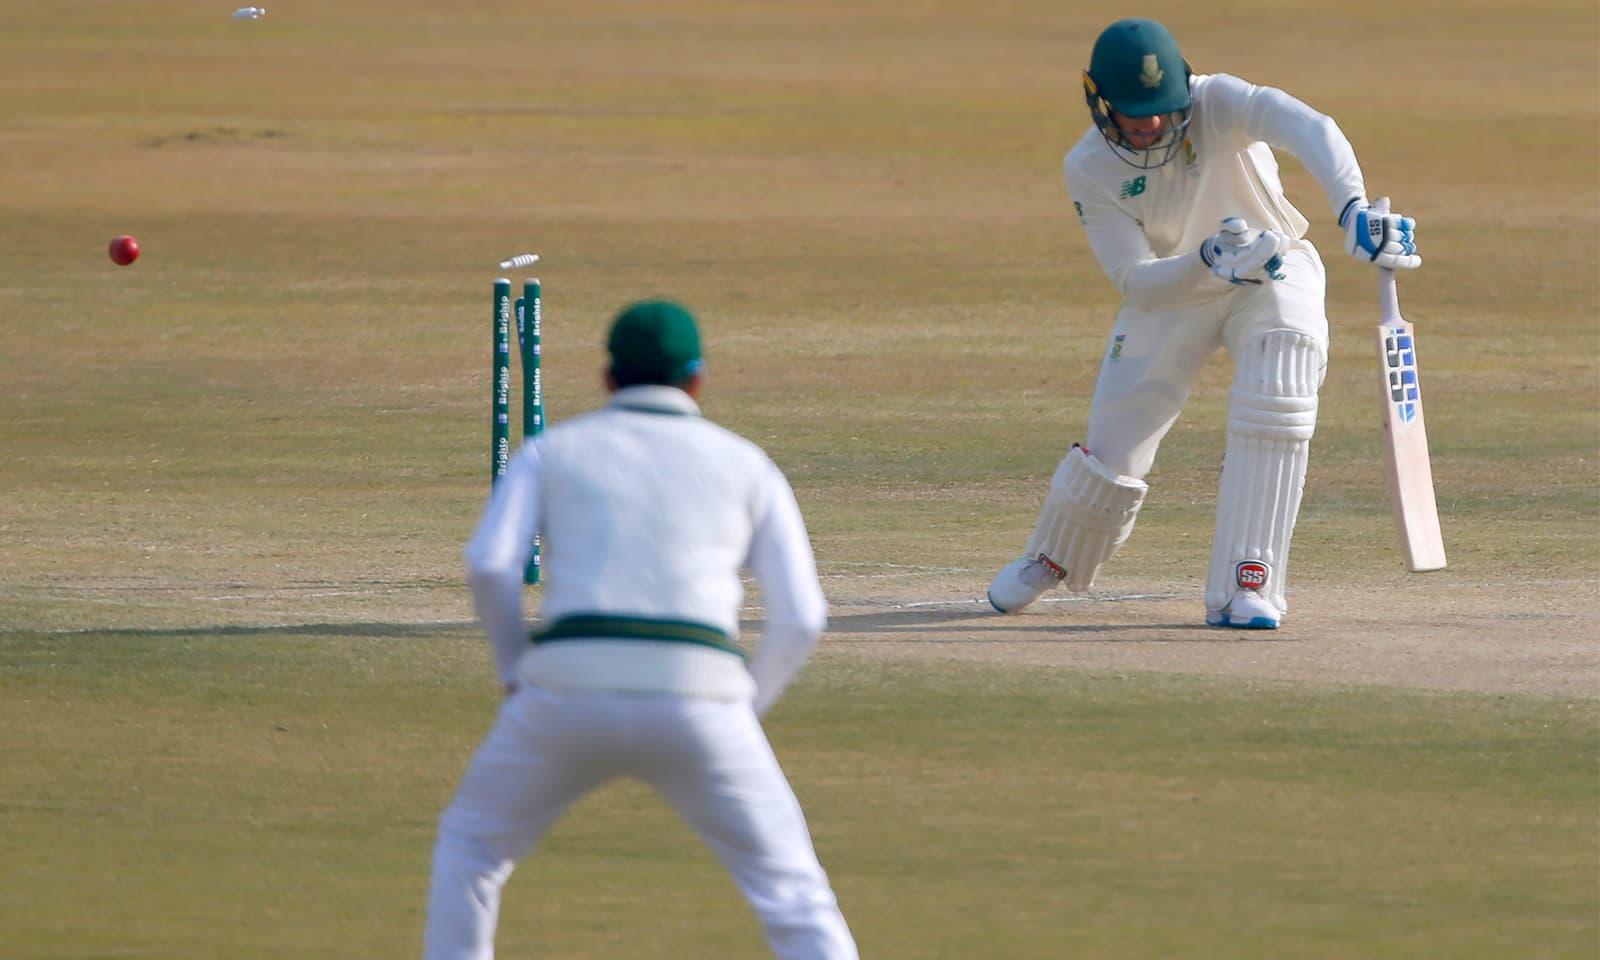 پاکستان نے دن کی تیسری ہی گیند پر وین ڈر ڈوسن کی قیمتی وکٹ حاصل کی— فوٹو: اے ایف پی